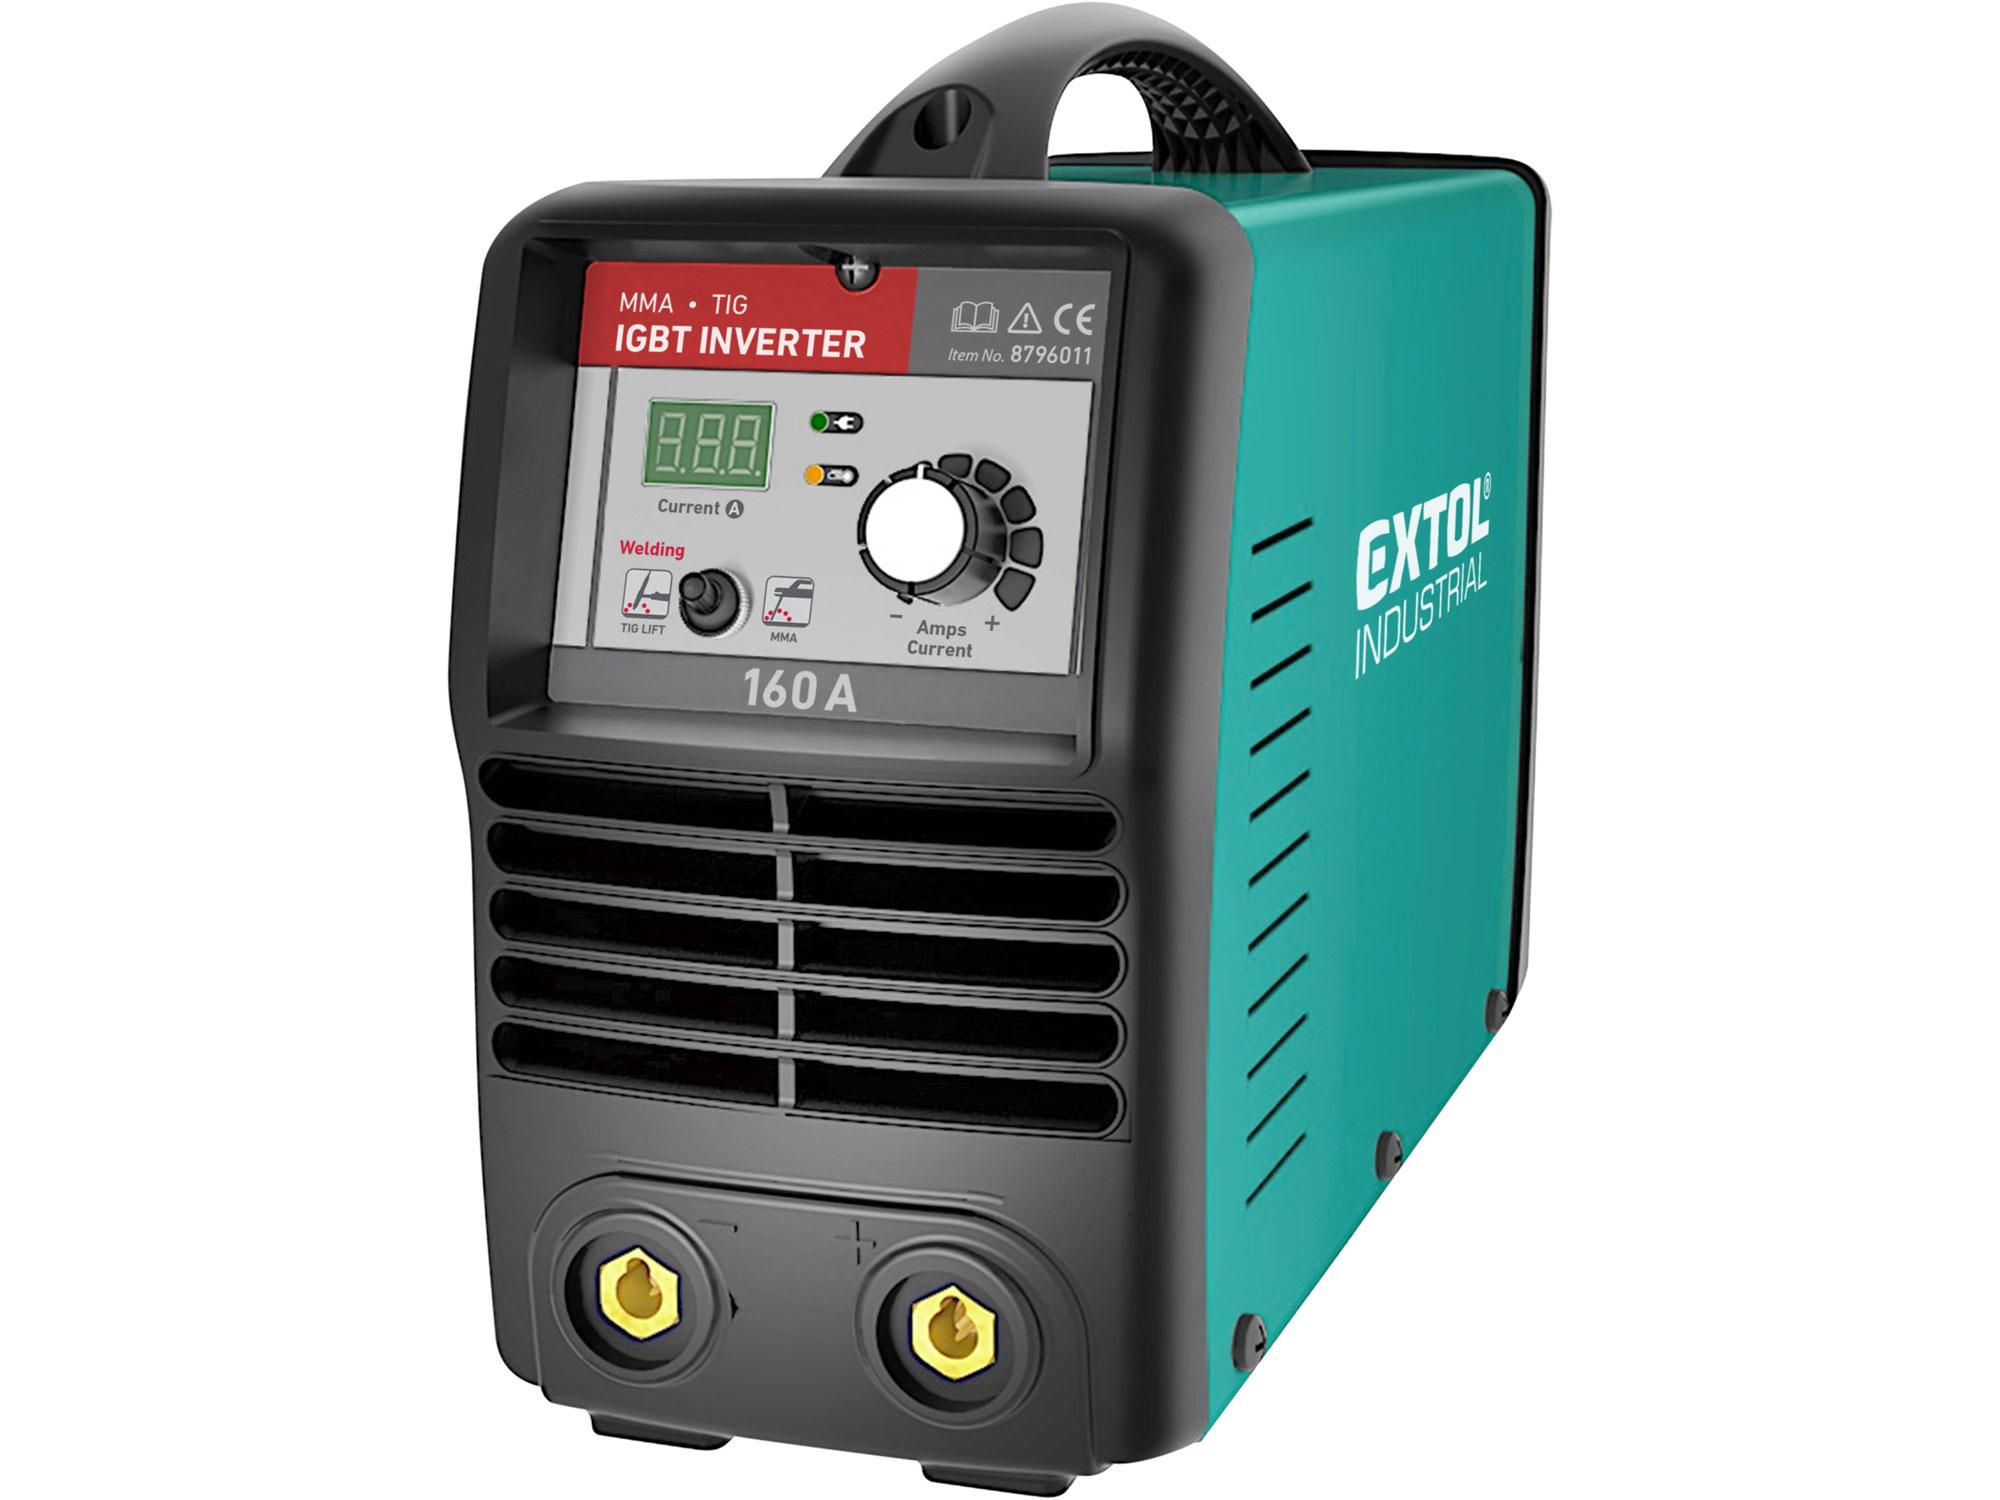 Invertor svarovací 160A Smart EXTOL INDUSTRIAL 8796011